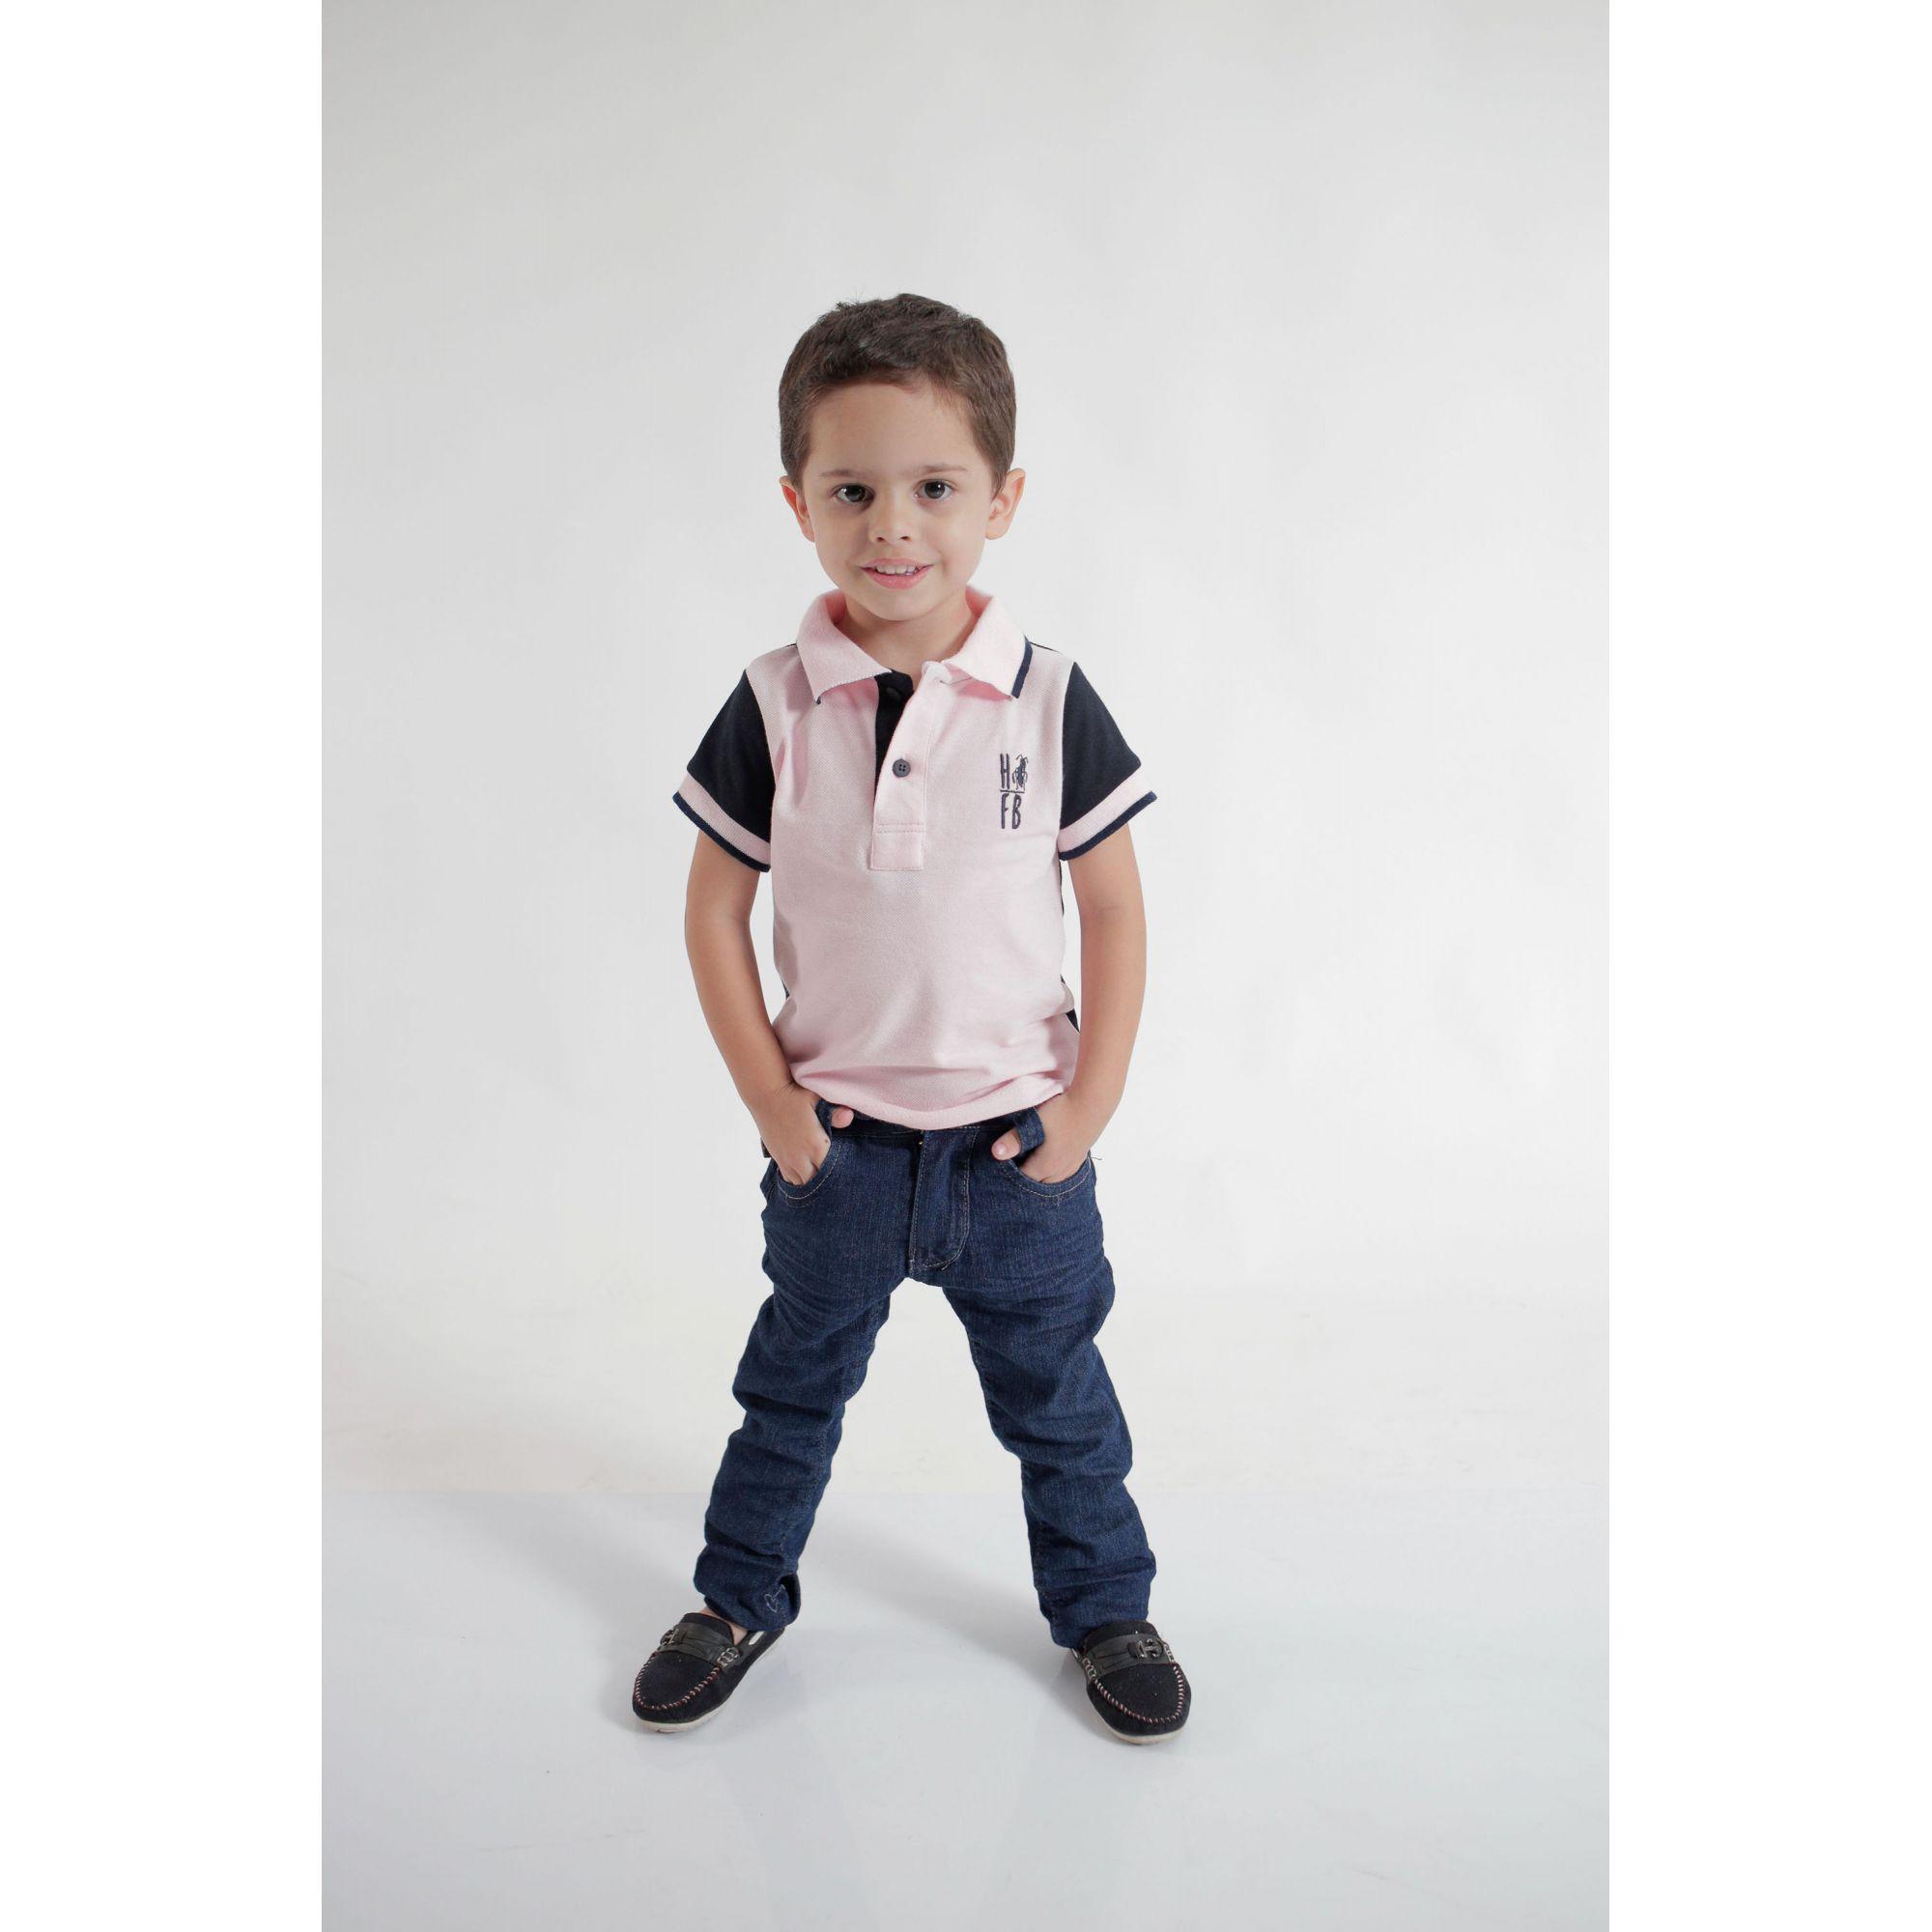 MÃE E FILHO > Kit 02 peças Vestido e Camisa ou Body Polo Rosa com Azul [Coleção Tal Mãe Tal Filho]  - Heitor Fashion Brazil